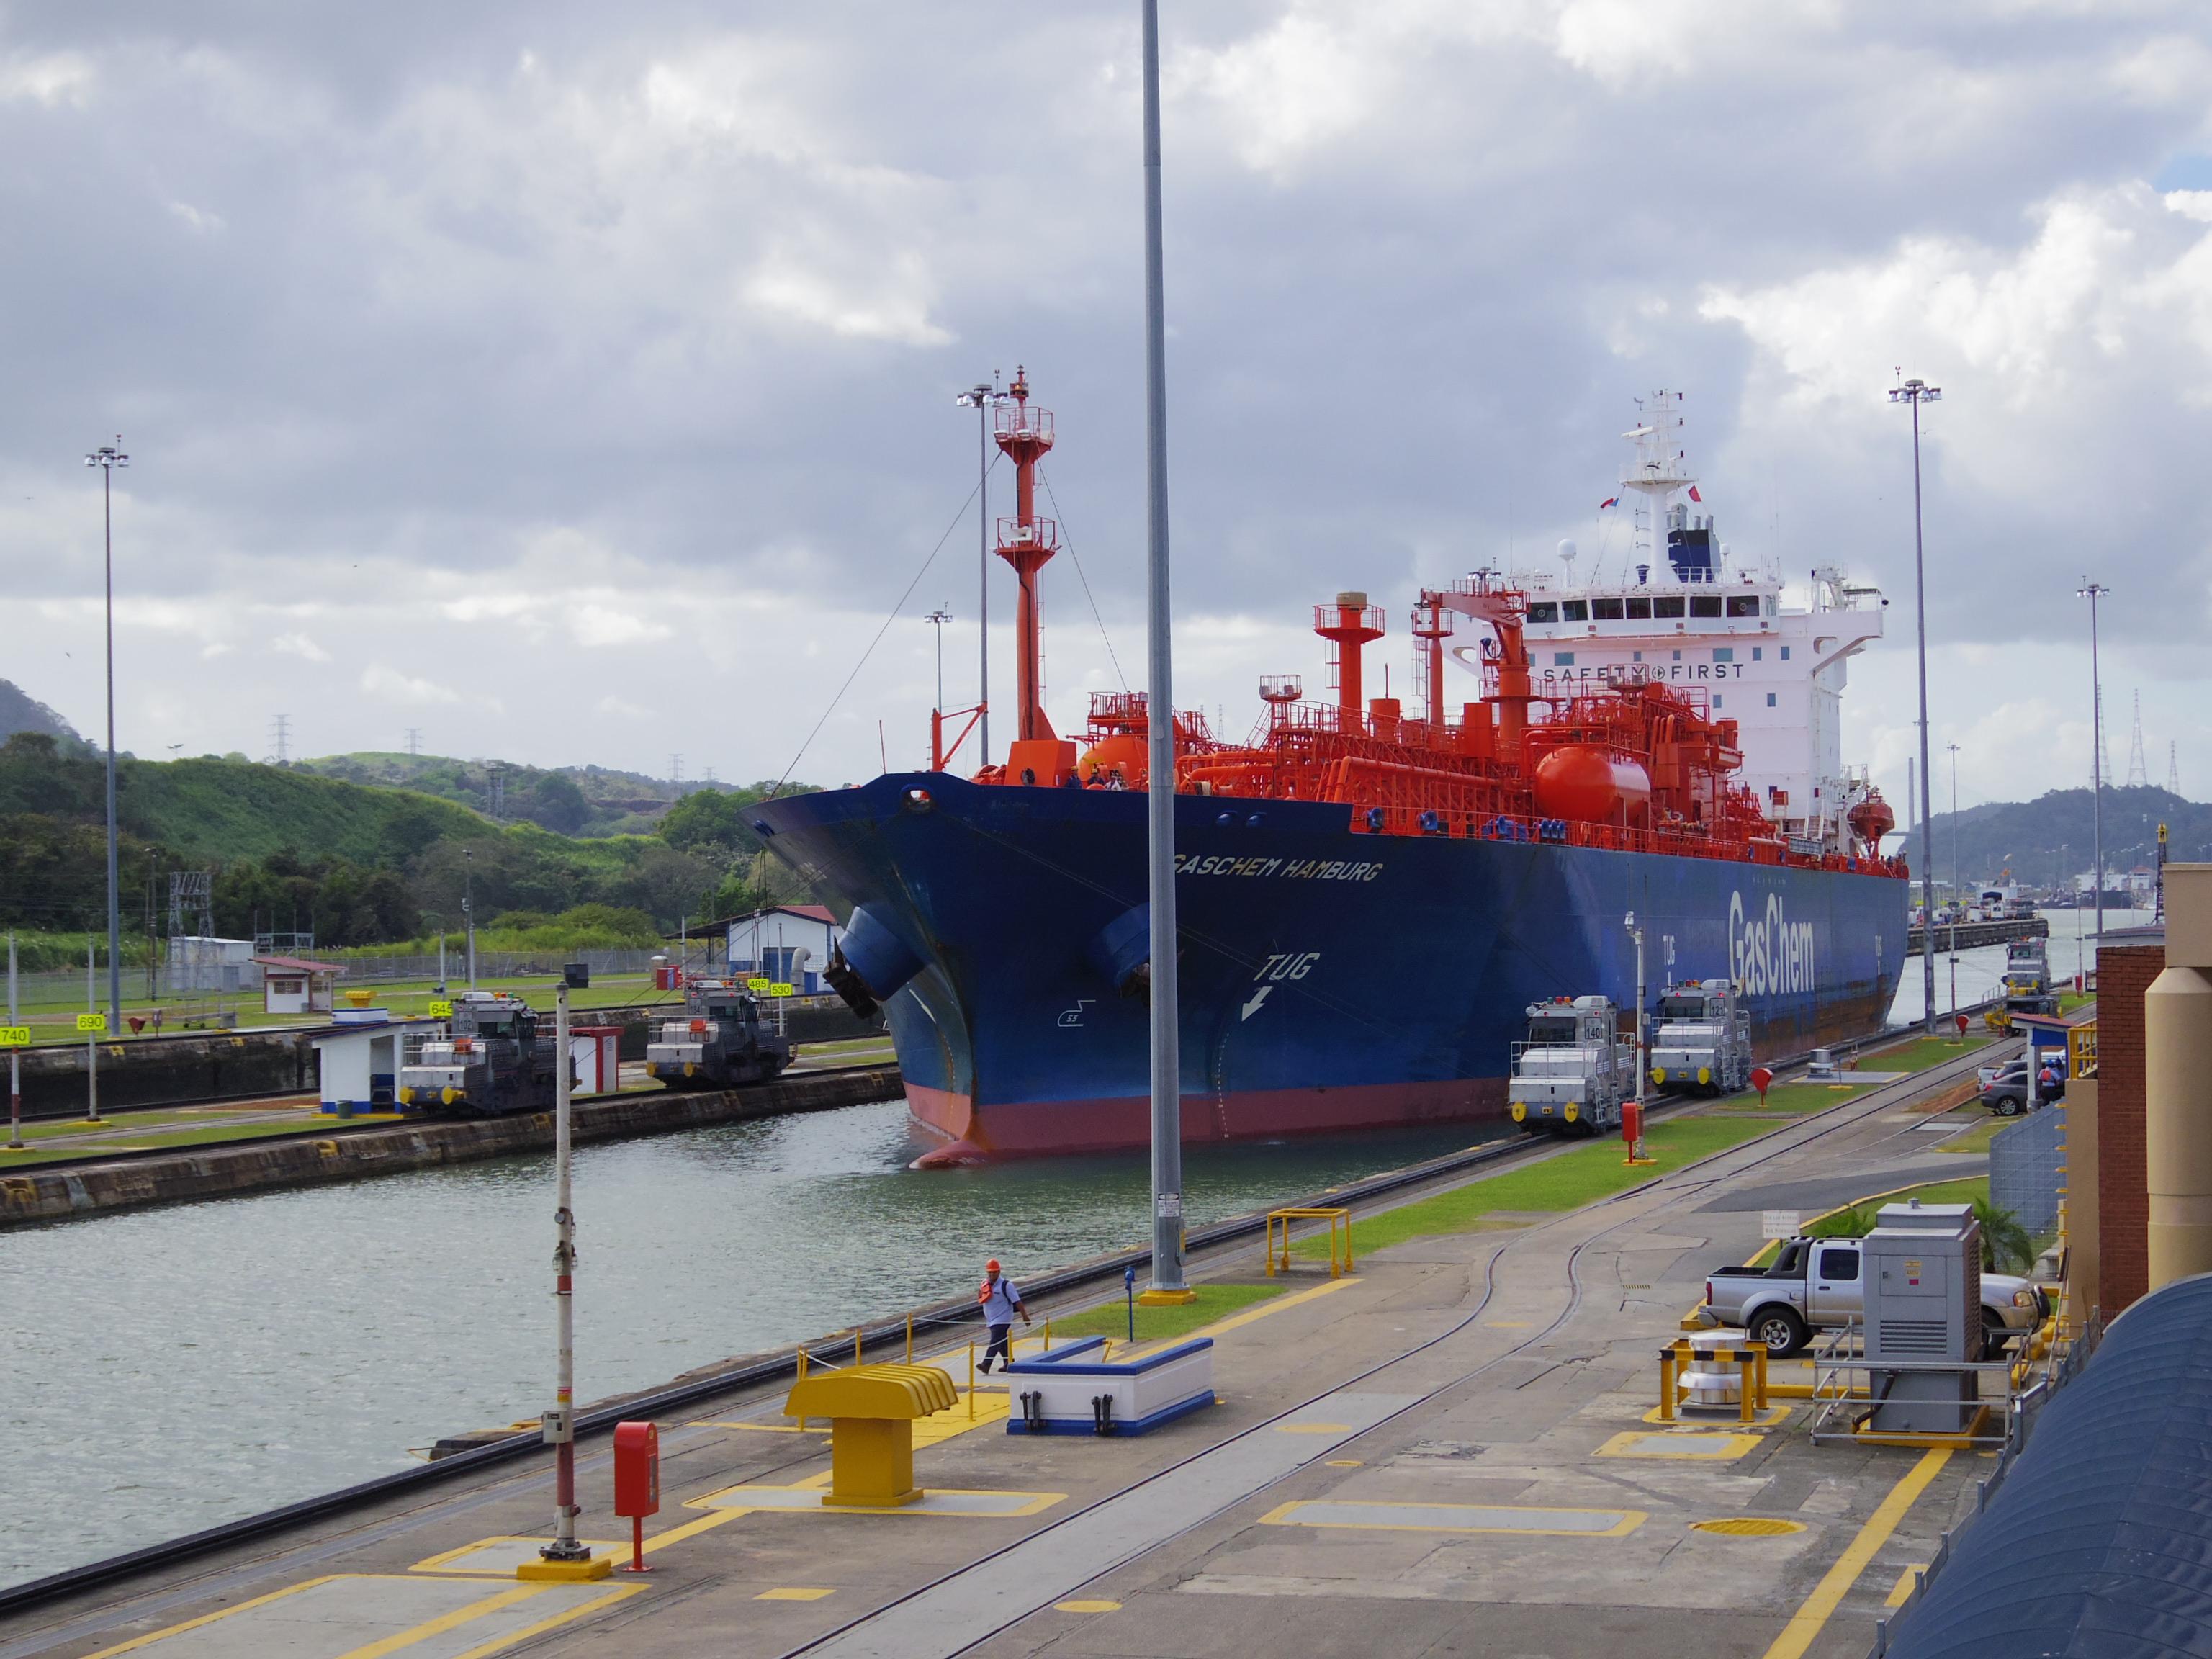 【世界の十字路 その2】パナマ運河2日目。ミラフローレス閘門はこんなとこ。